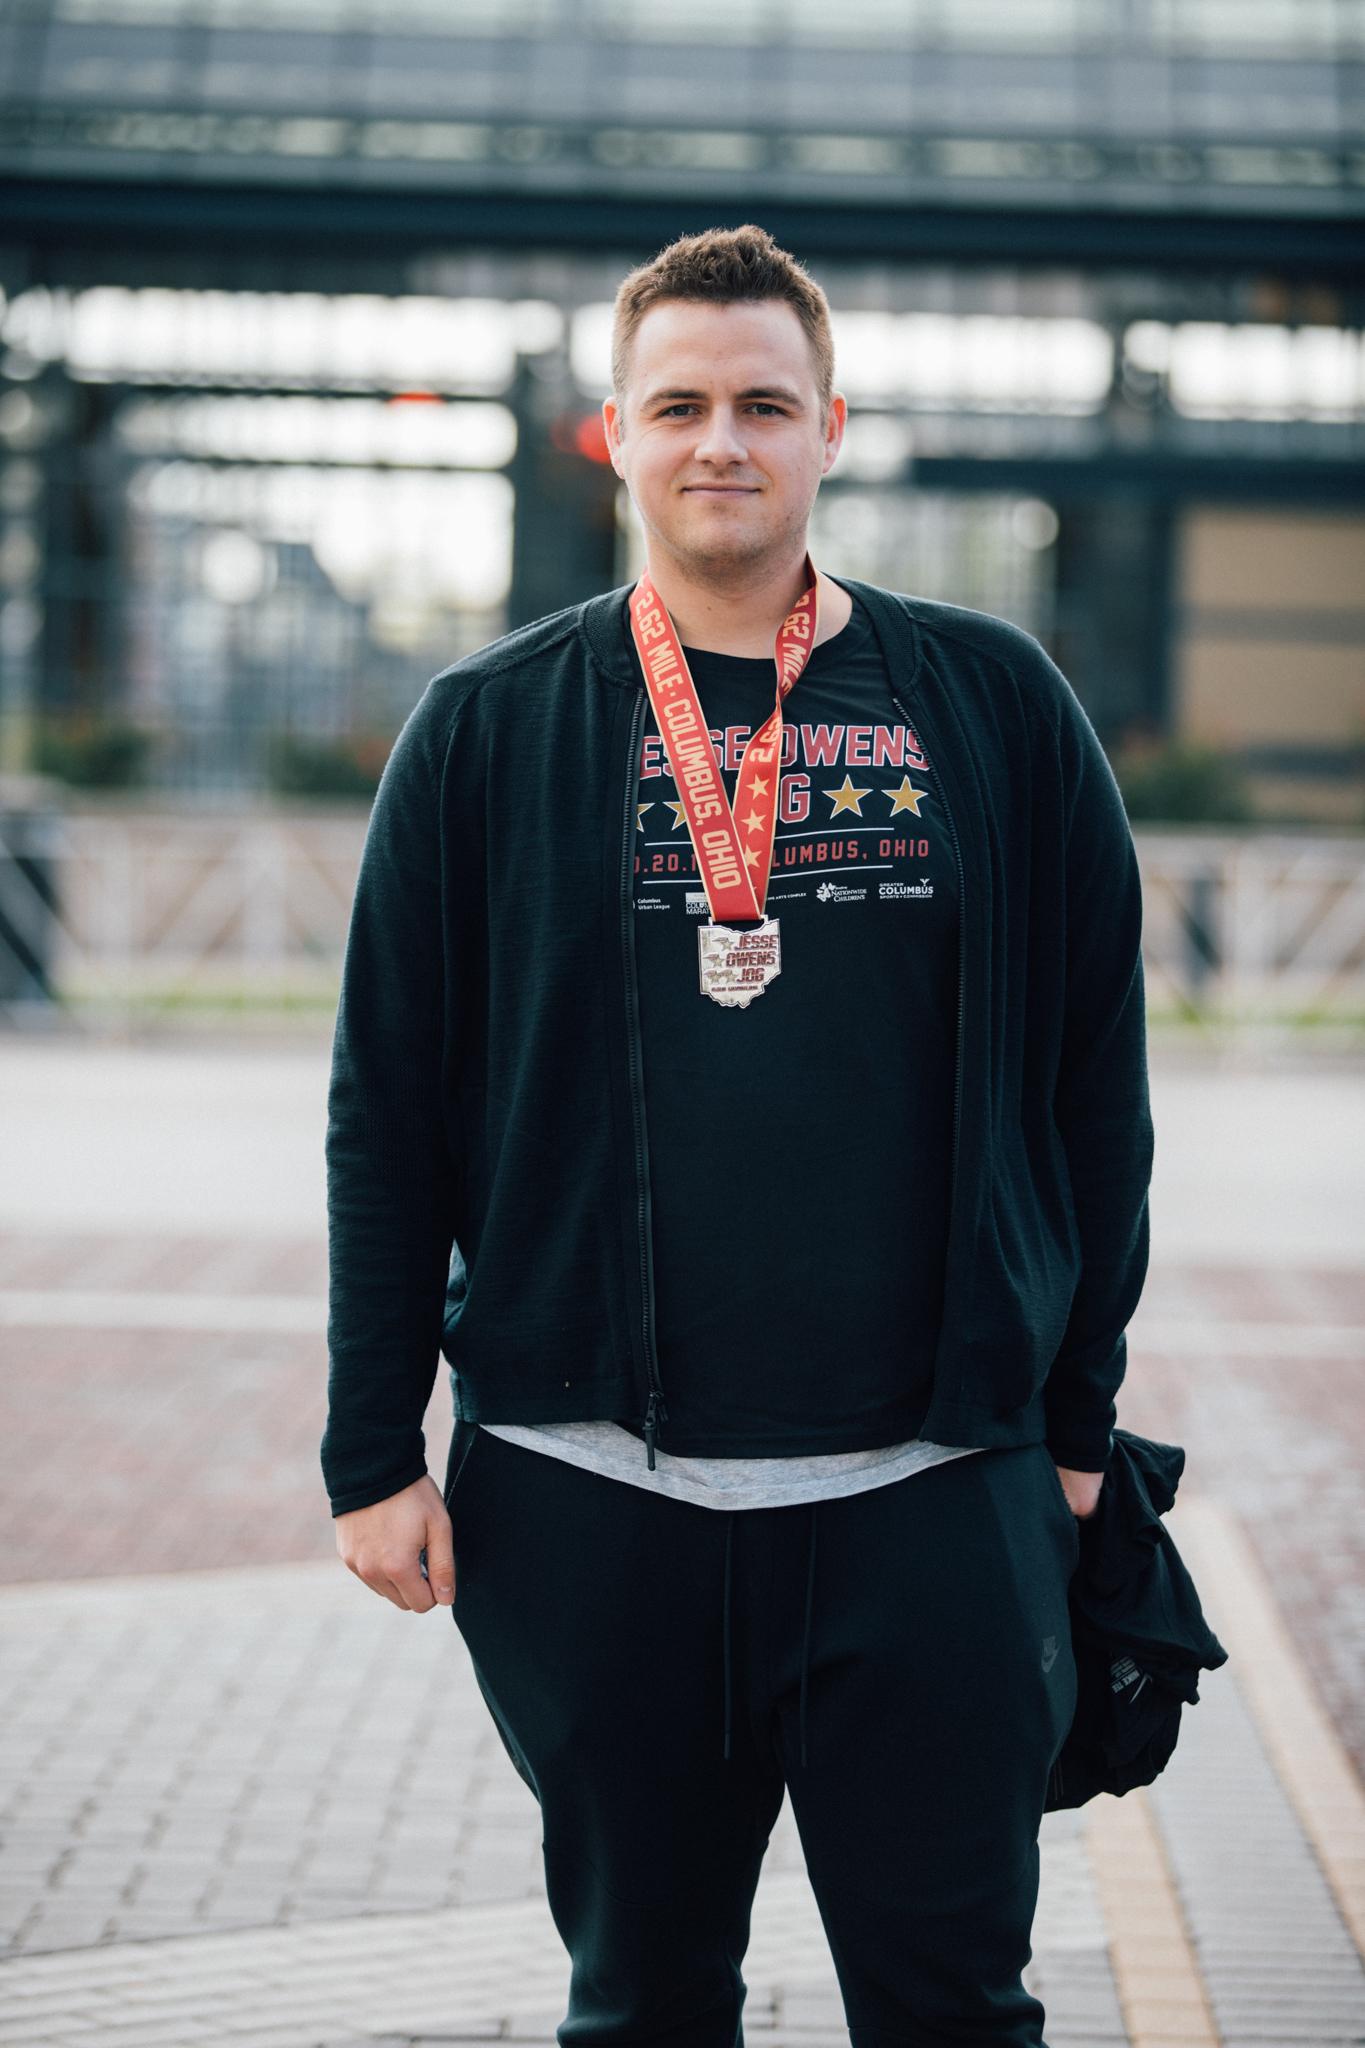 Jesse-Owens-Jog-2018_236_bko.jpg